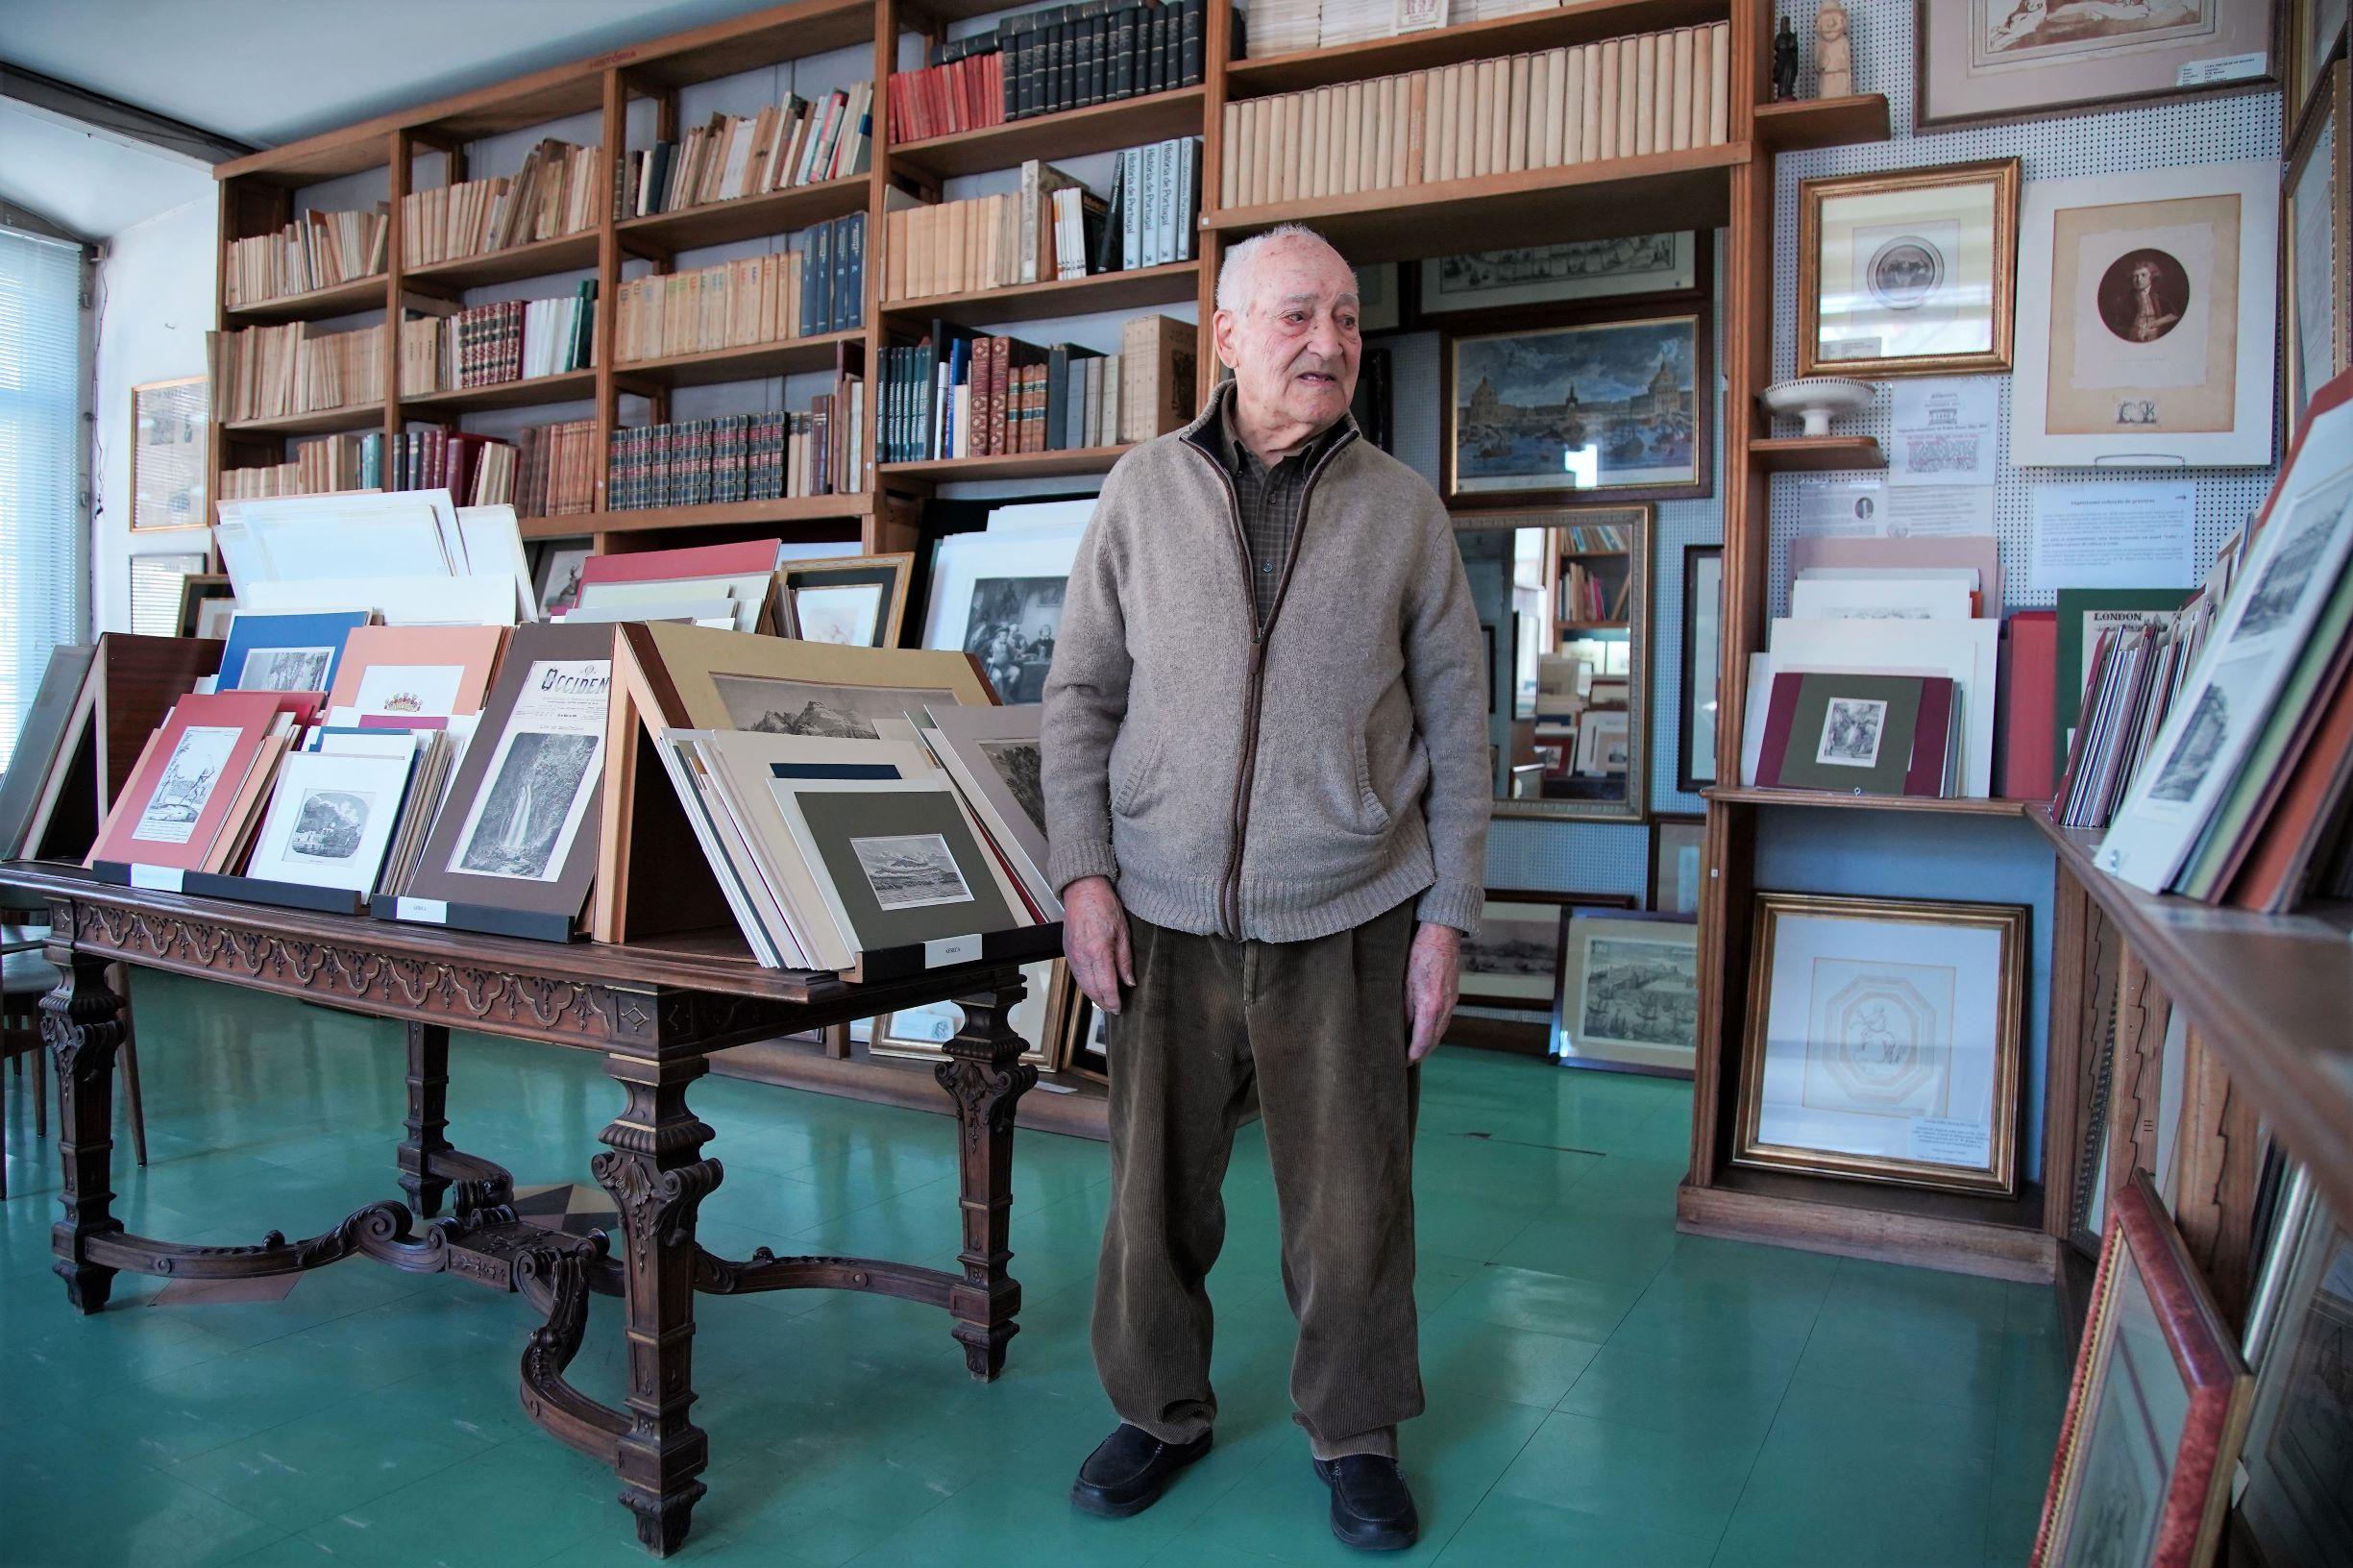 O alfarrabista mais antigo de Lisboa: 100 anos e muitas histórias para contar